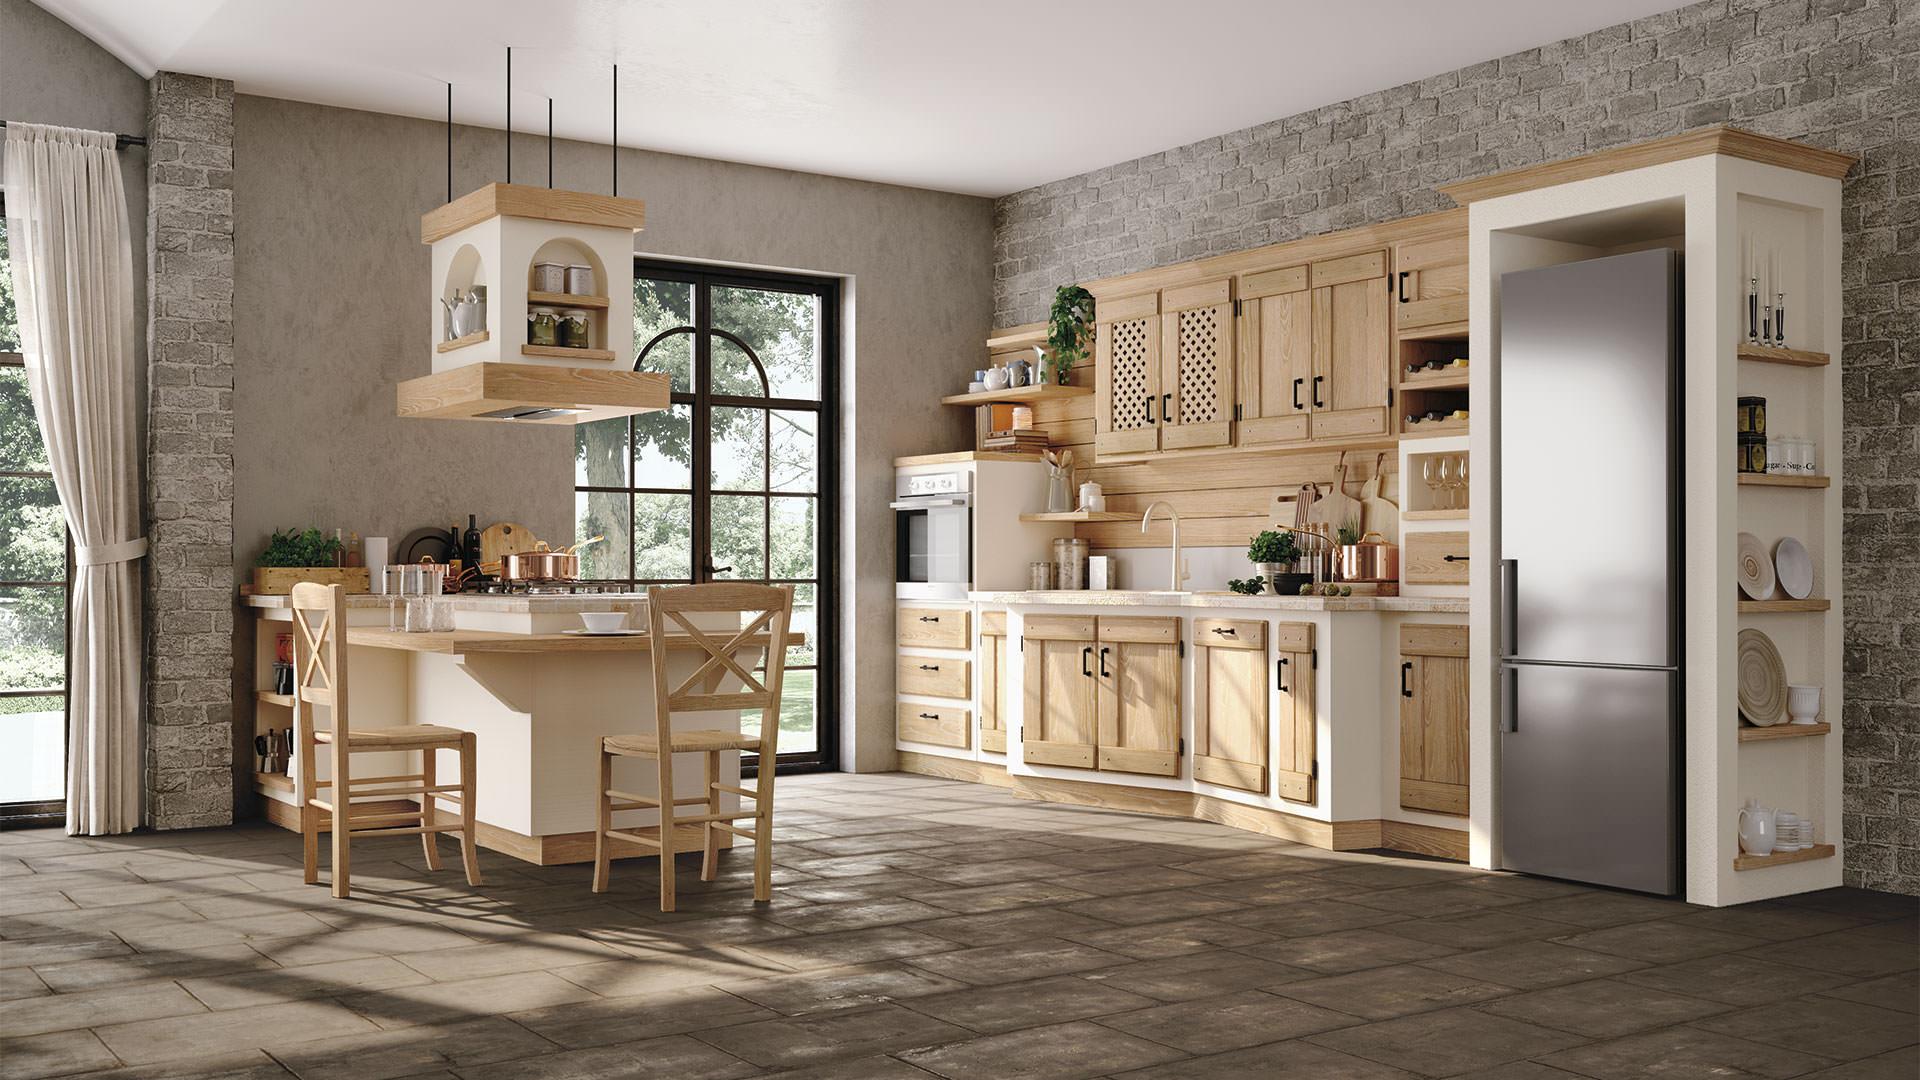 Cucina lube classica contemporanea anita 10 rafaschieri - Cucina classica contemporanea ...